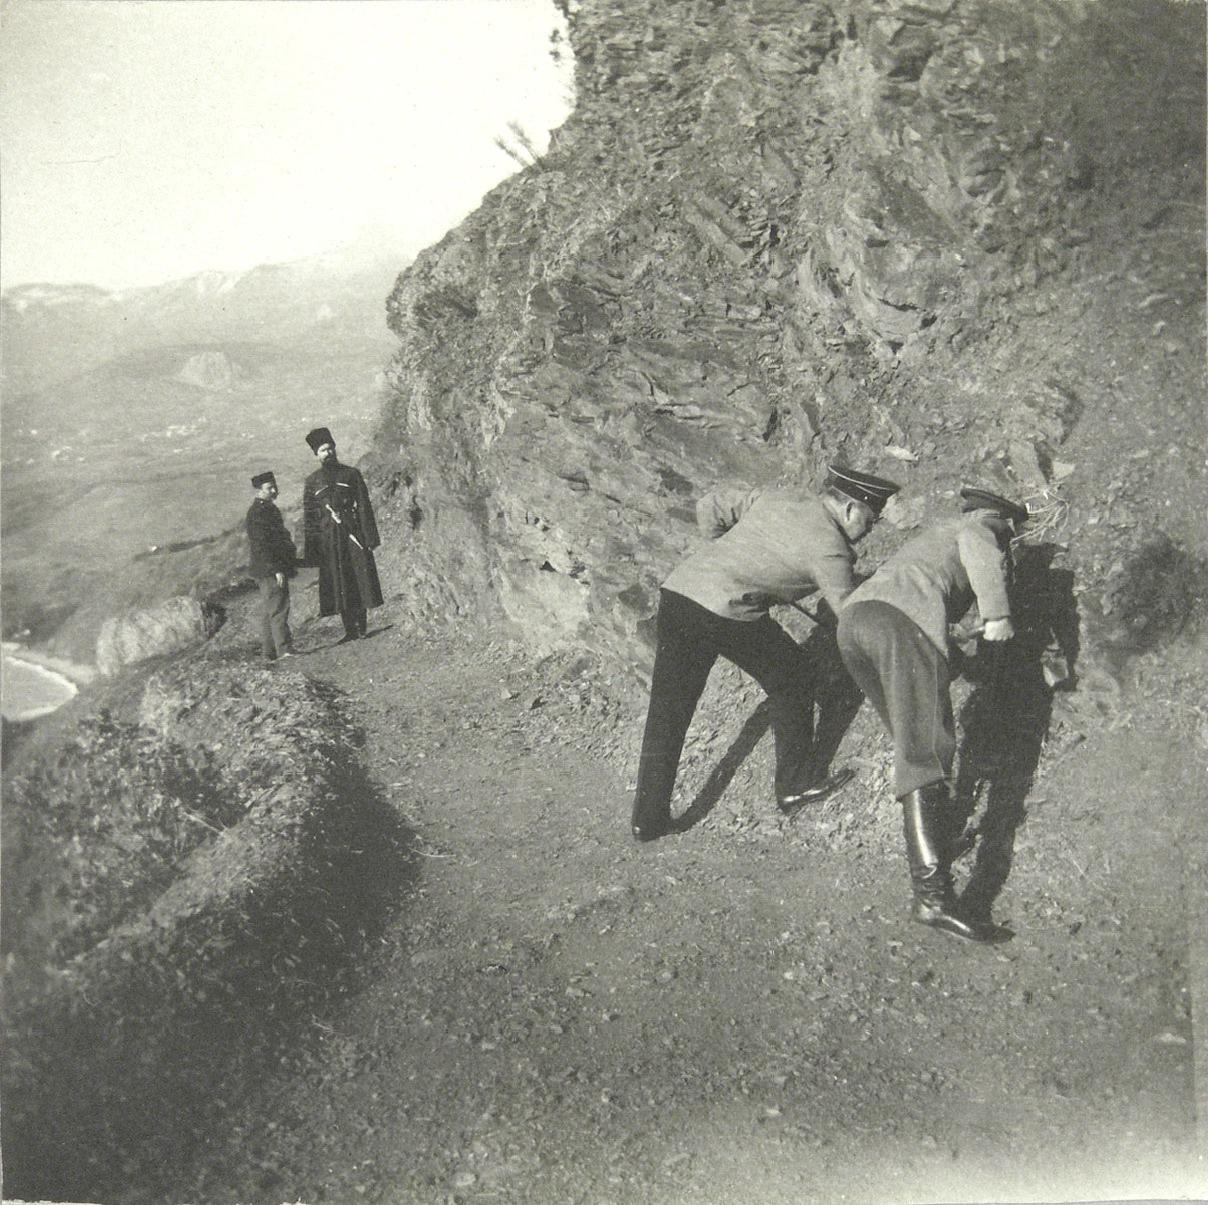 1913. На Аю-Даге. Путешествие из Гурзуфа в Кучук-Ламбат с посещением горы Аю-Даг и имений Партенит, Чукурлар и Хоросан. Ноябрь